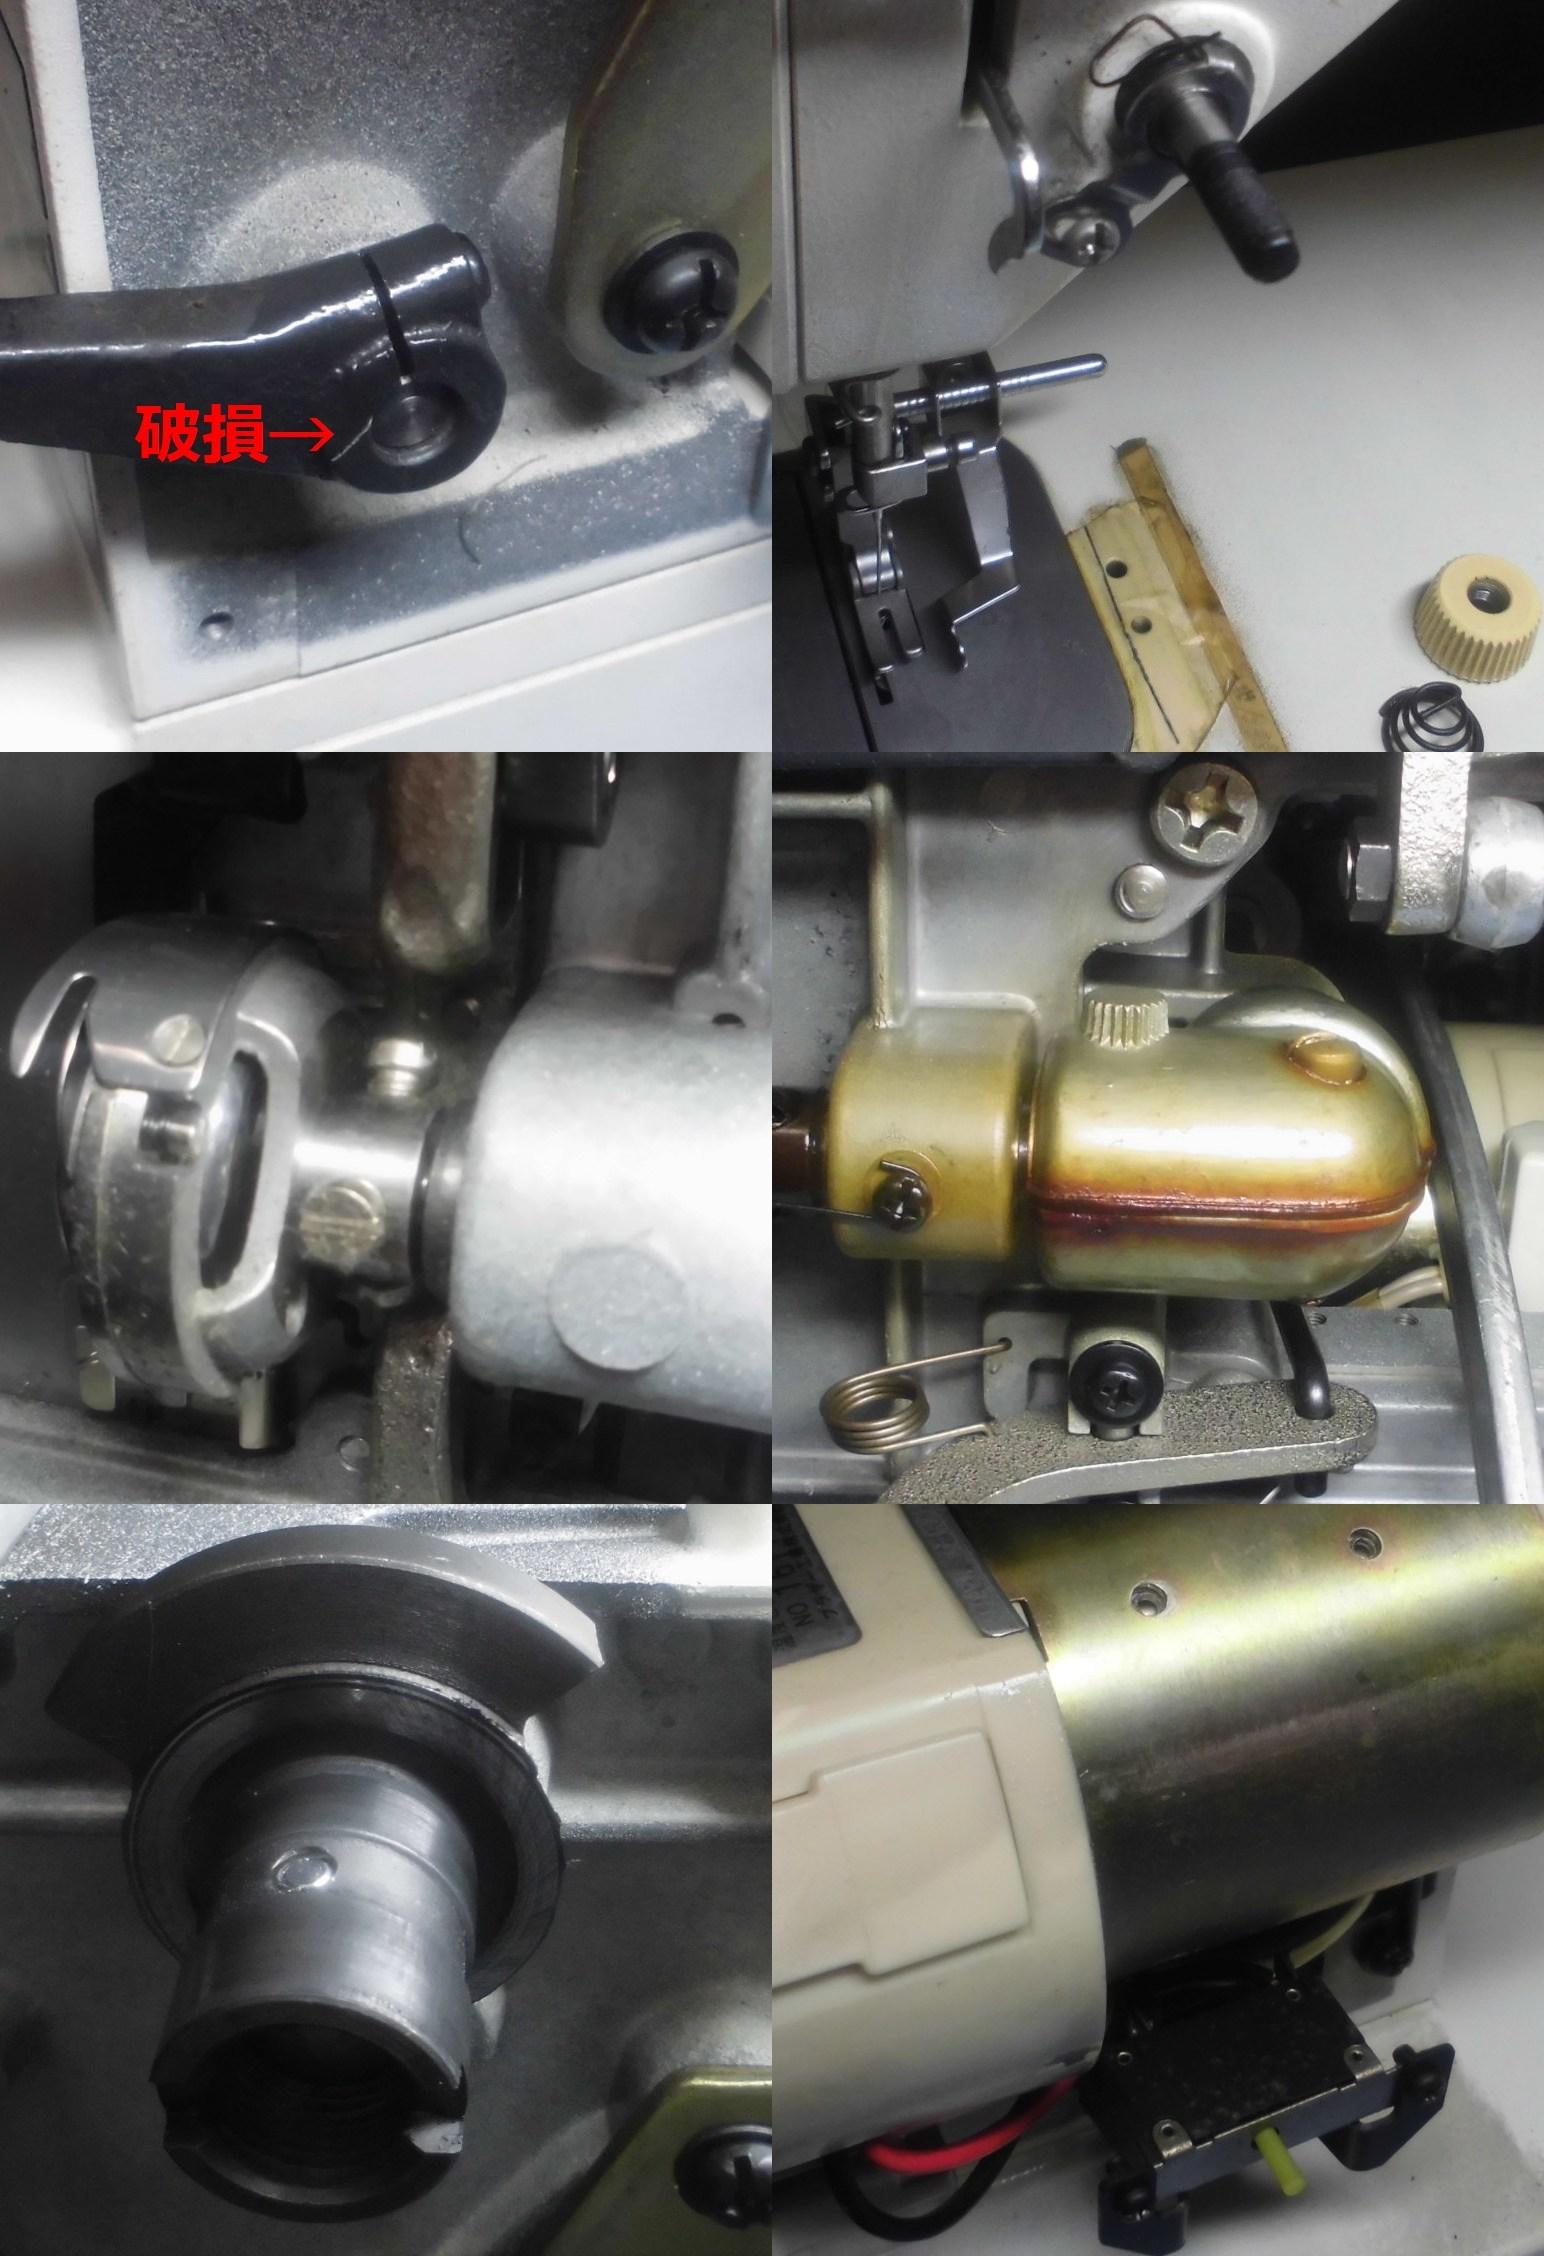 M727の全体メンテナンス|ブラザー職業用ミシン